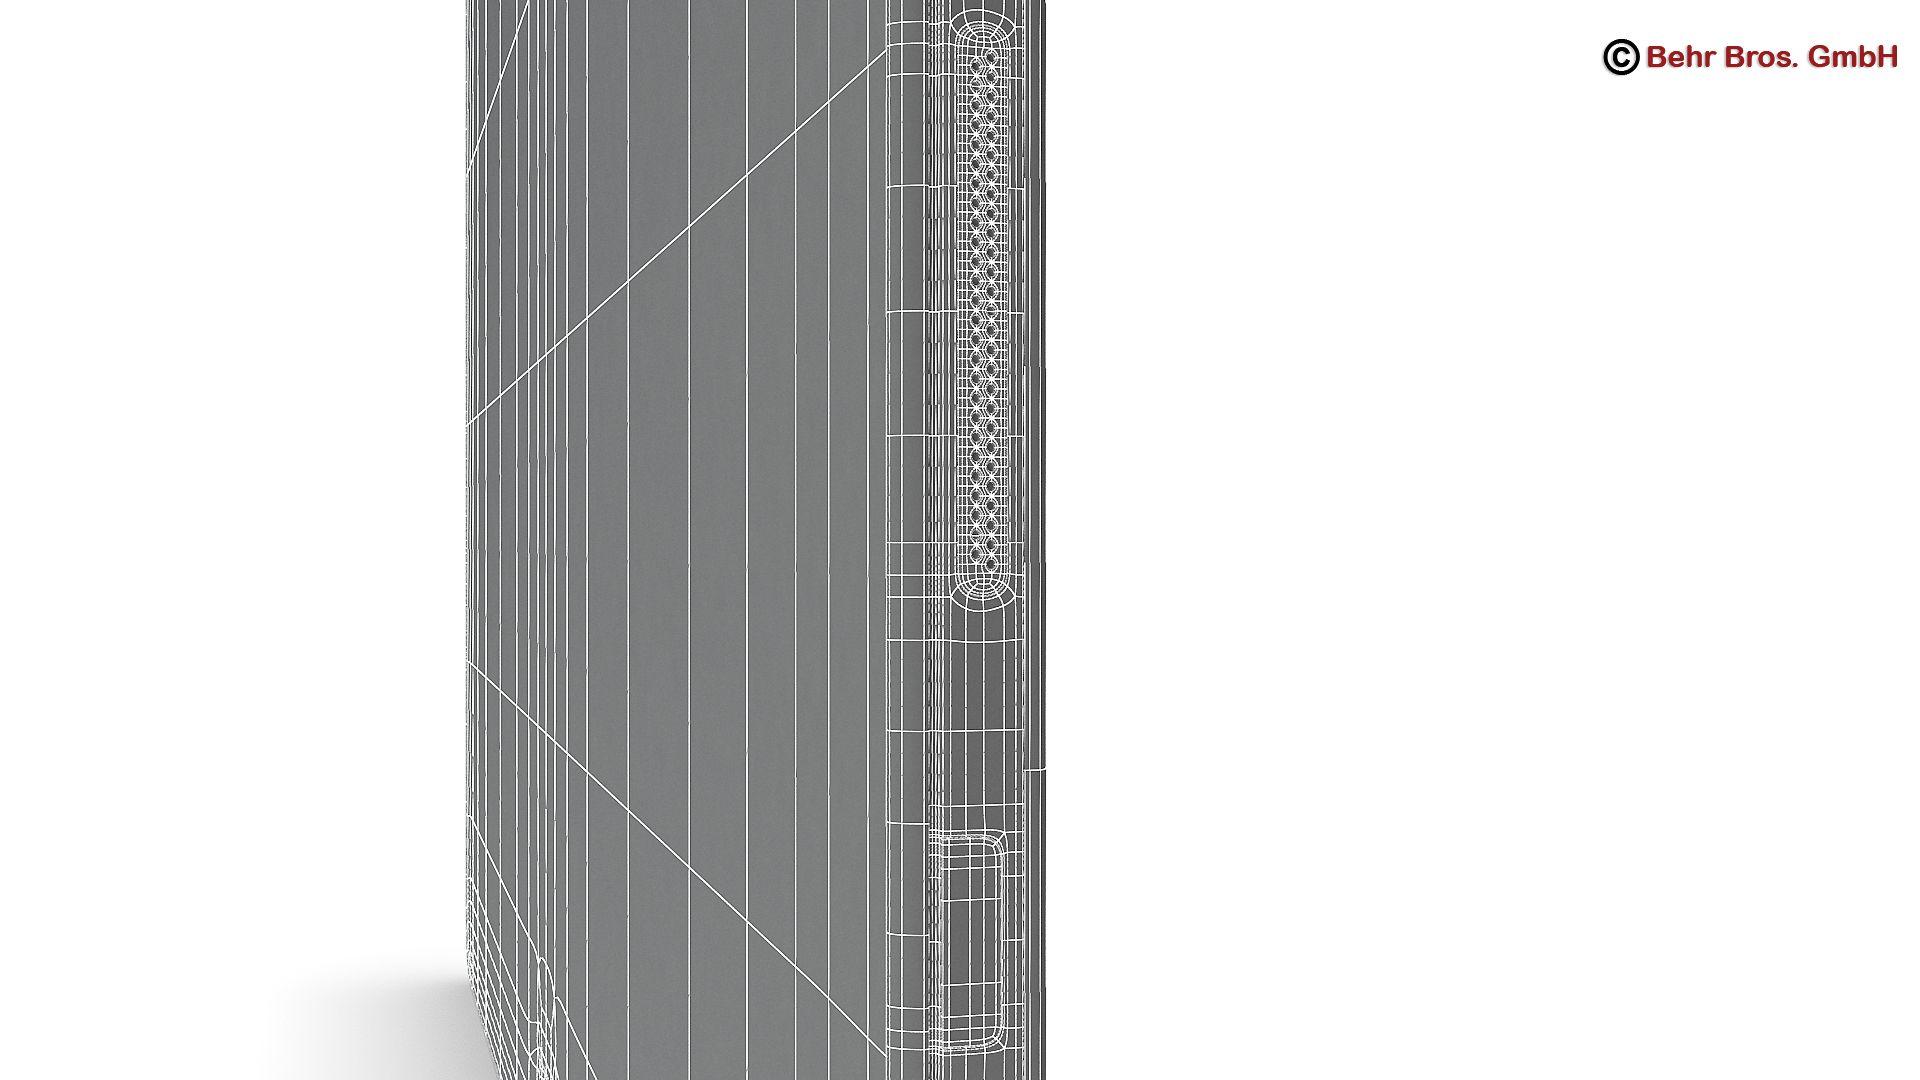 generic tablet 10.1 inch 3d model 3ds max fbx c4d lwo ma mb obj 162896